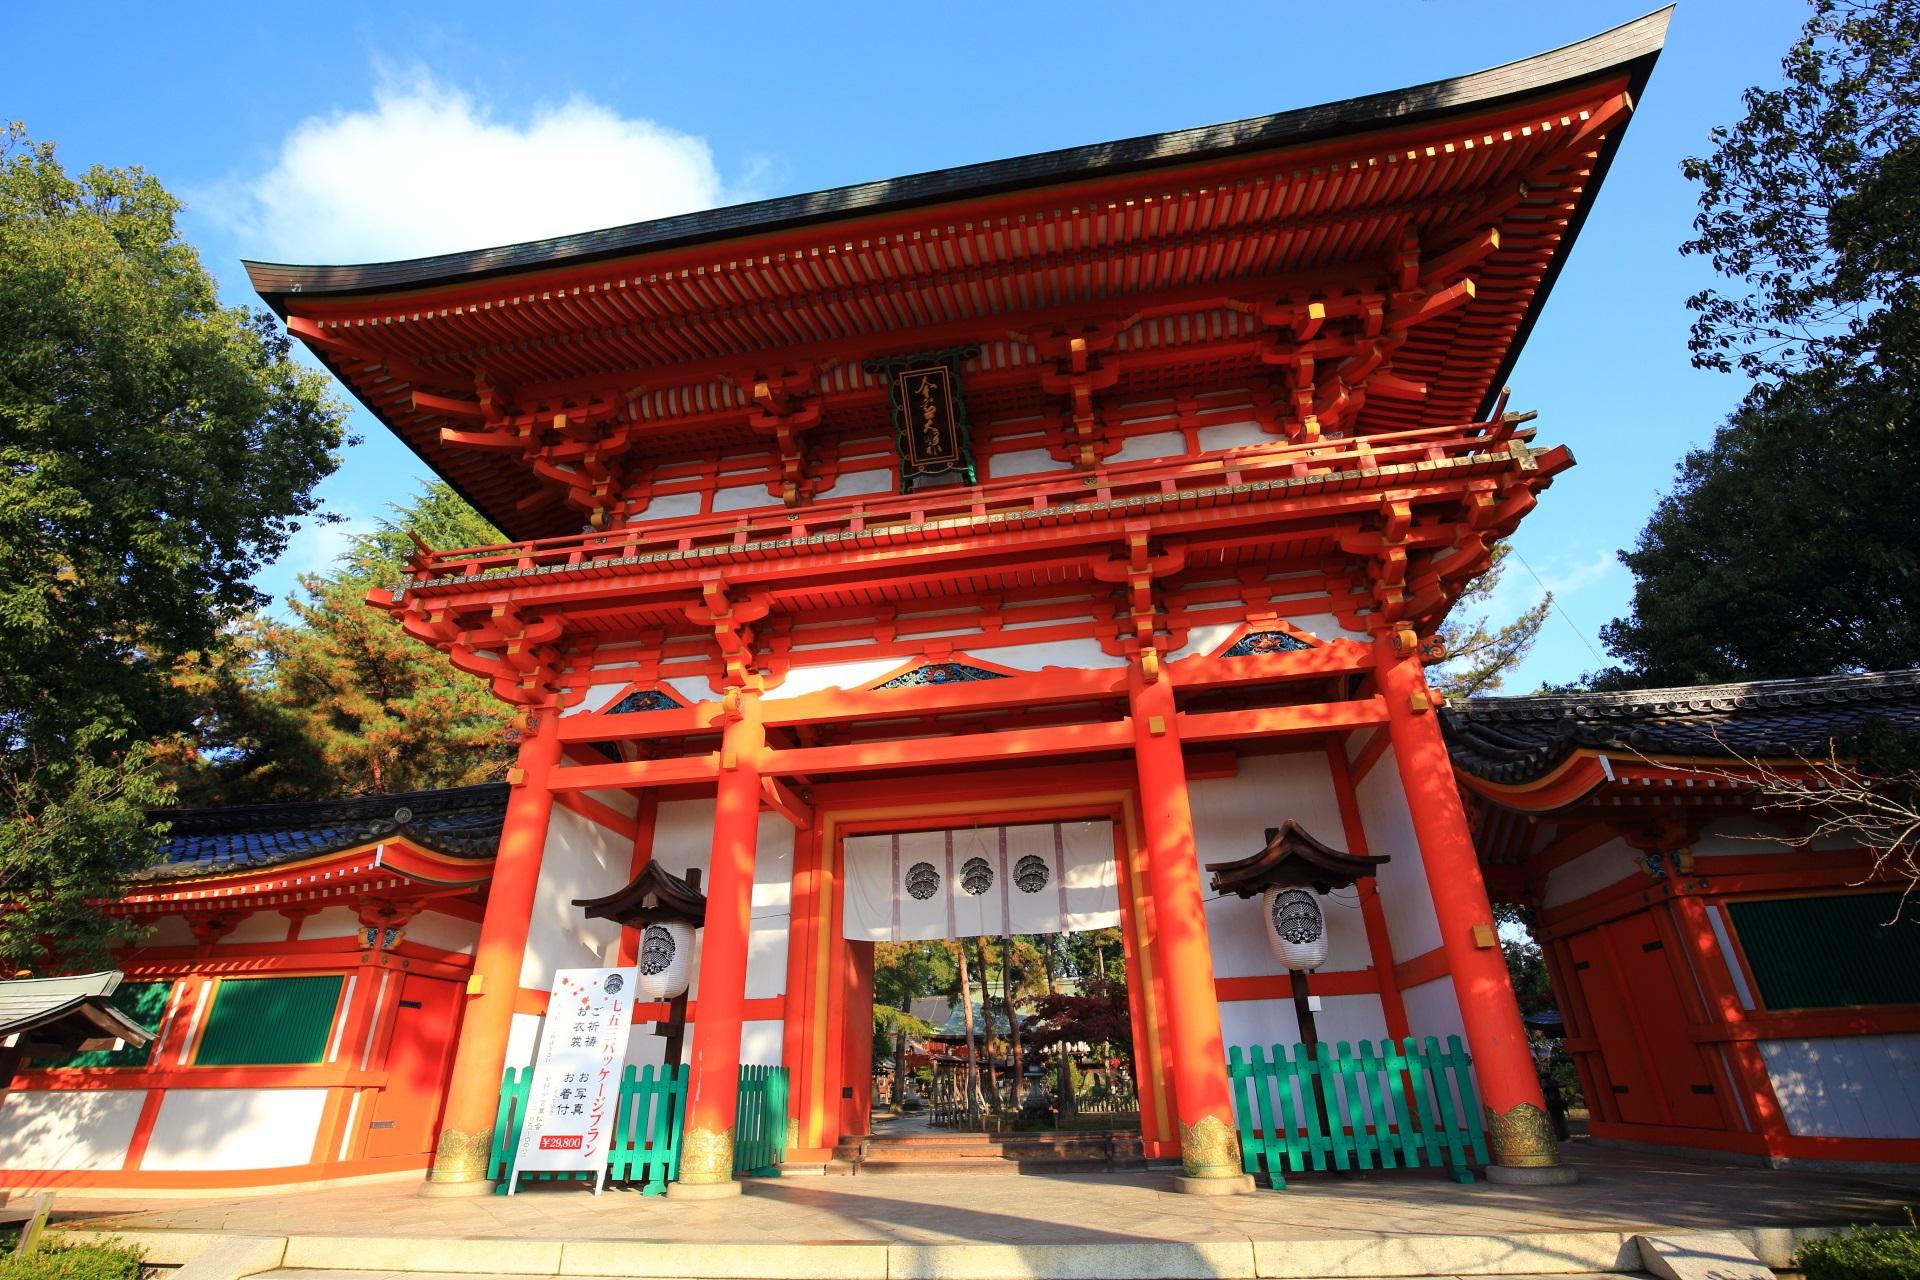 立派な構えの今宮神社の楼門